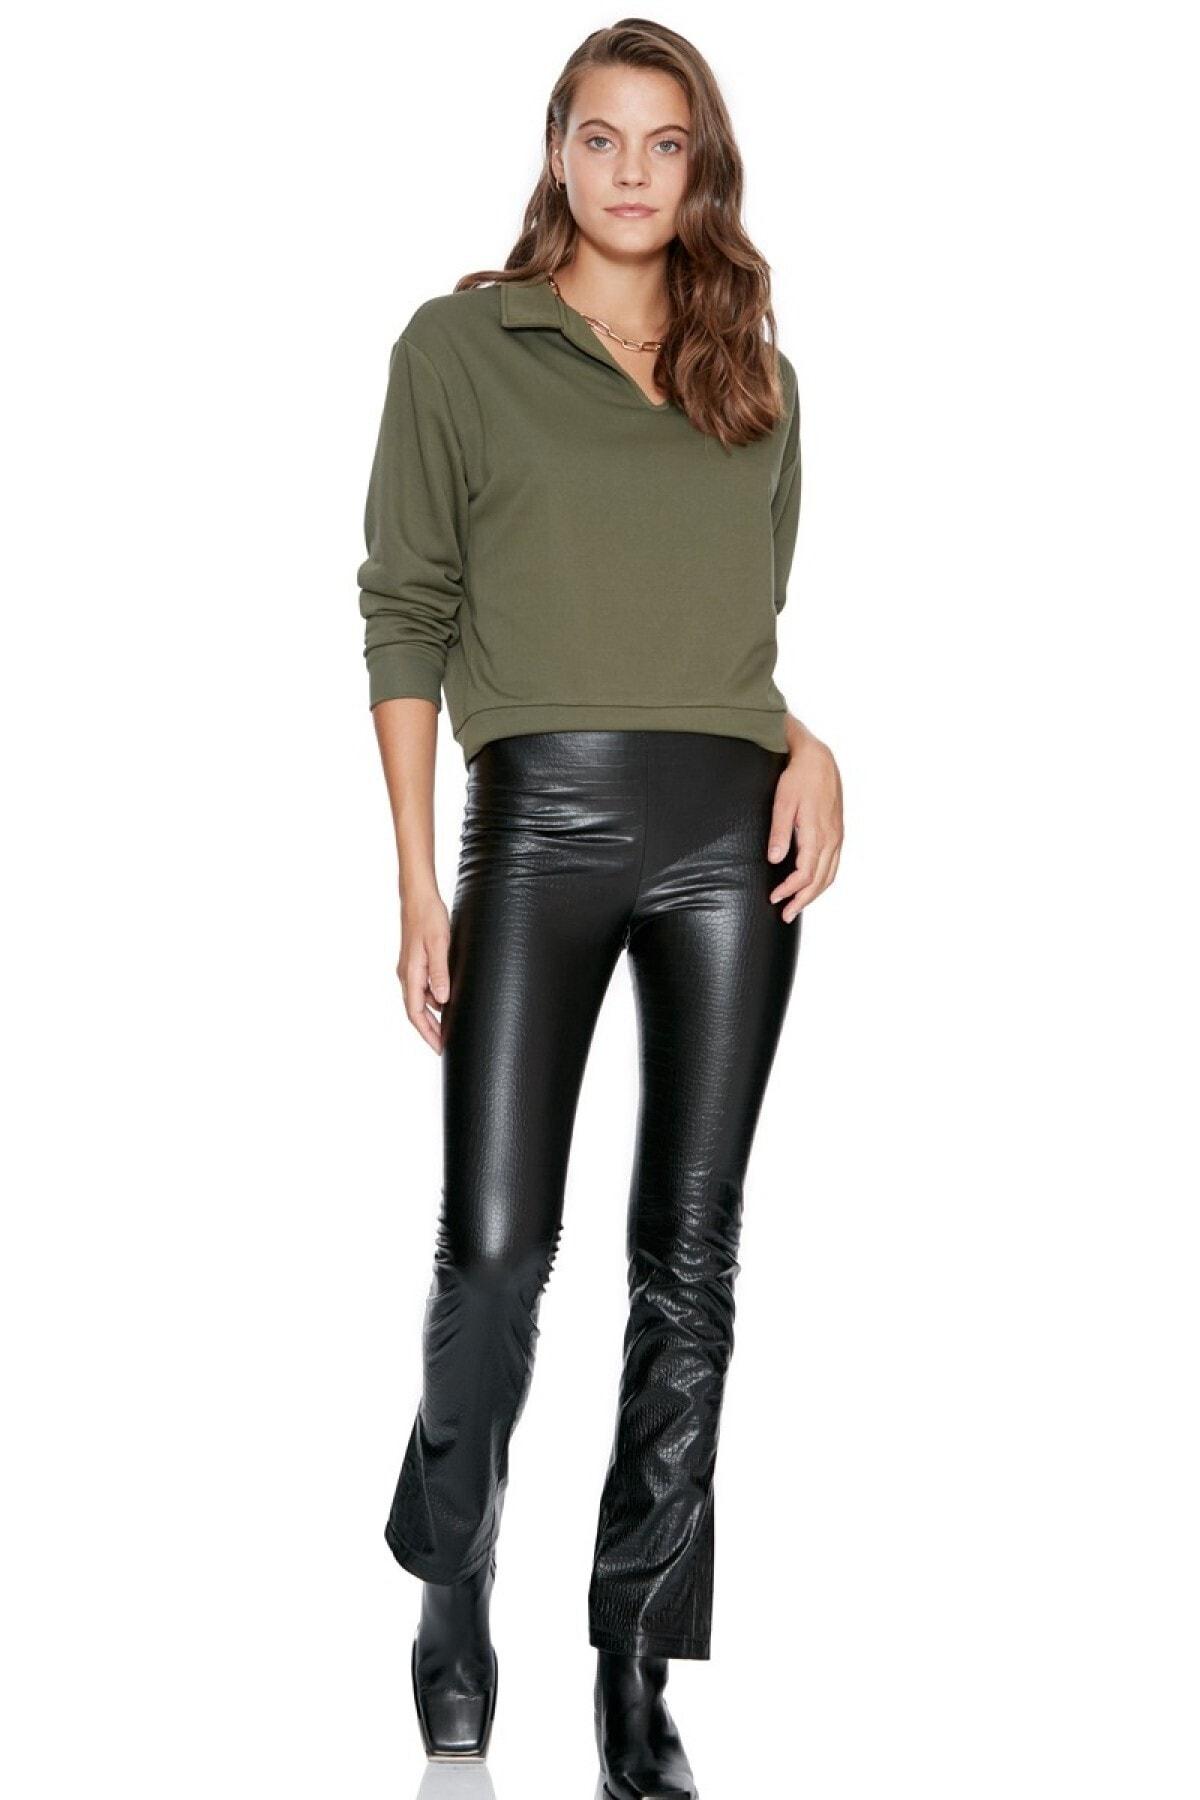 Keikei Kadın Siyah Deri Uzun Pantolon 1